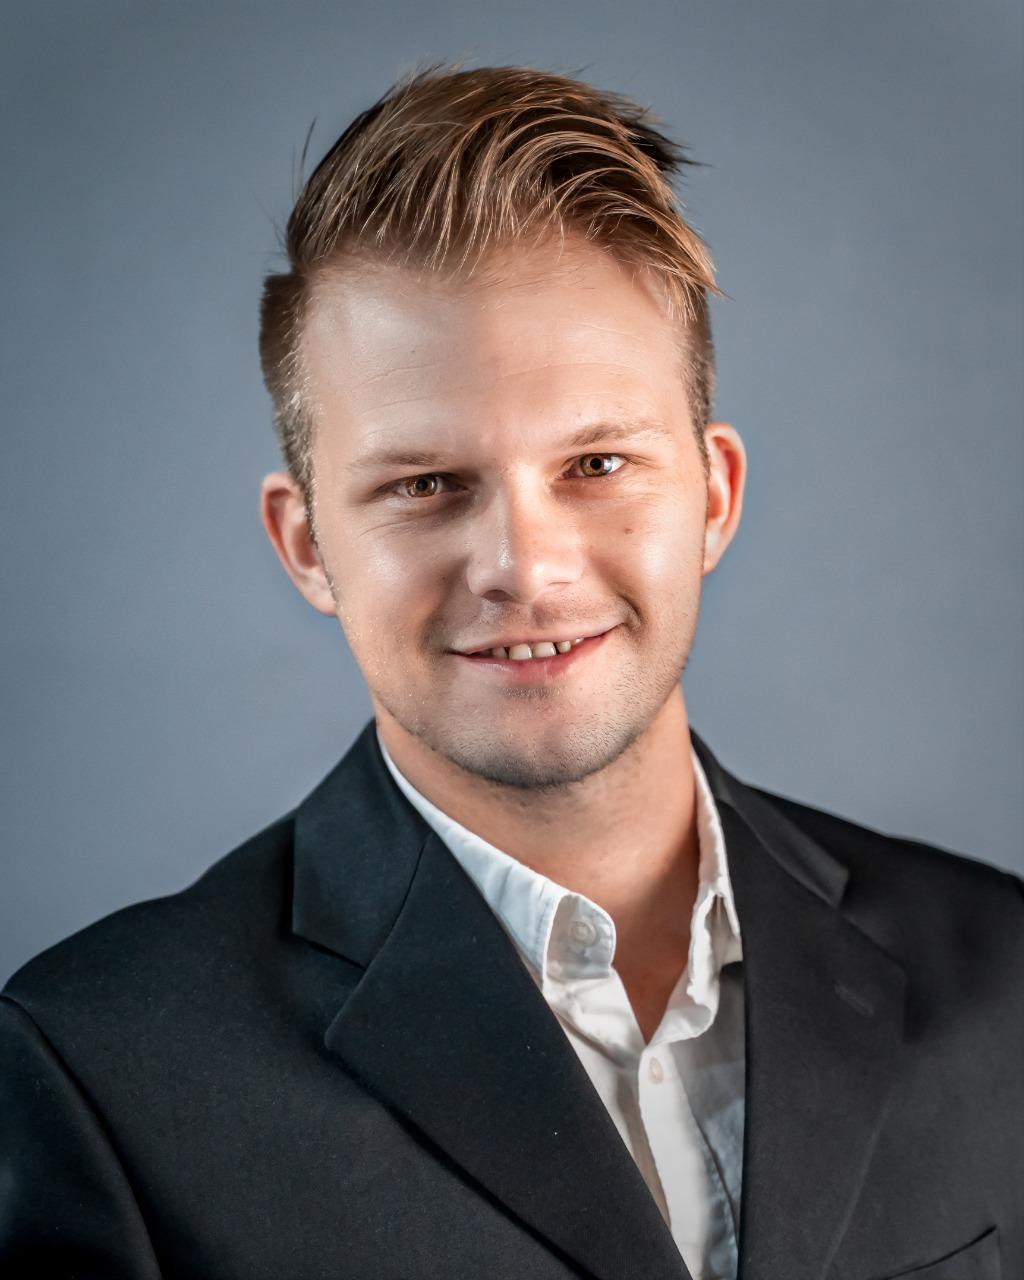 Kevin van der Merwe